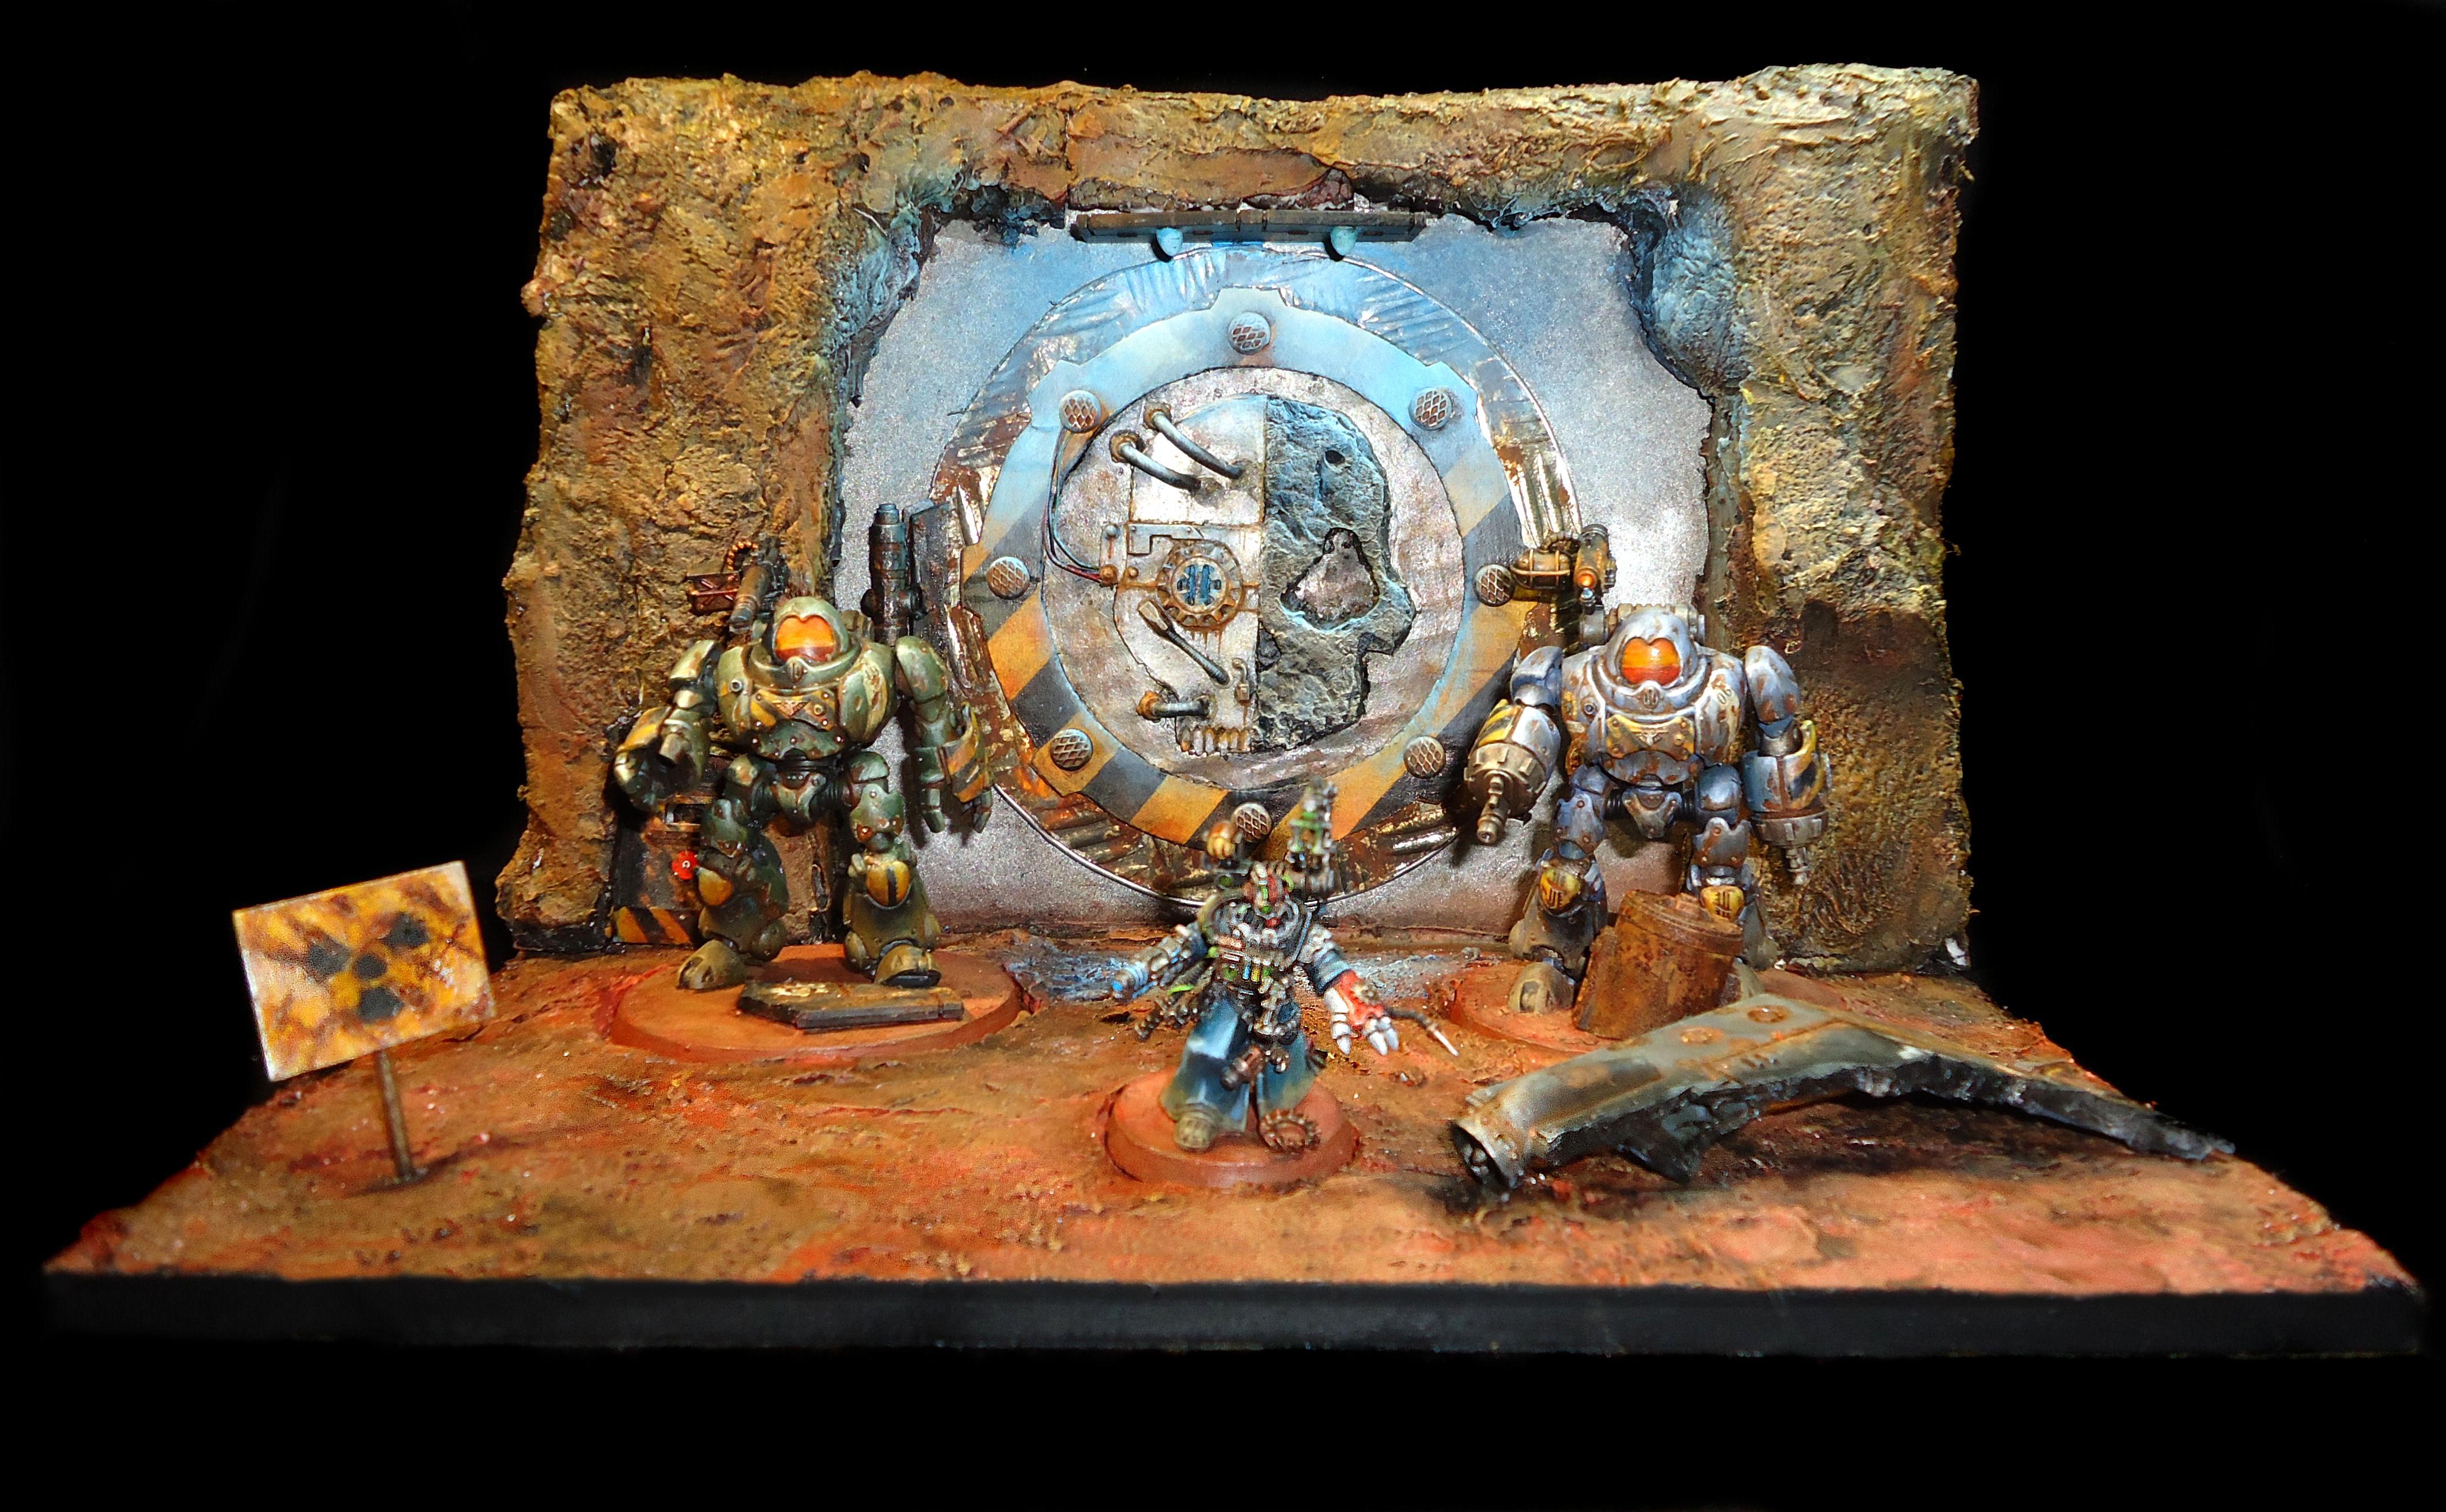 Adeptus Mechanicus, Atomic, Diorama, Imperial, Kastelan Robot, Nuke, Robot, Self Made, Warhammer 40,000, Warhammer Fantasy